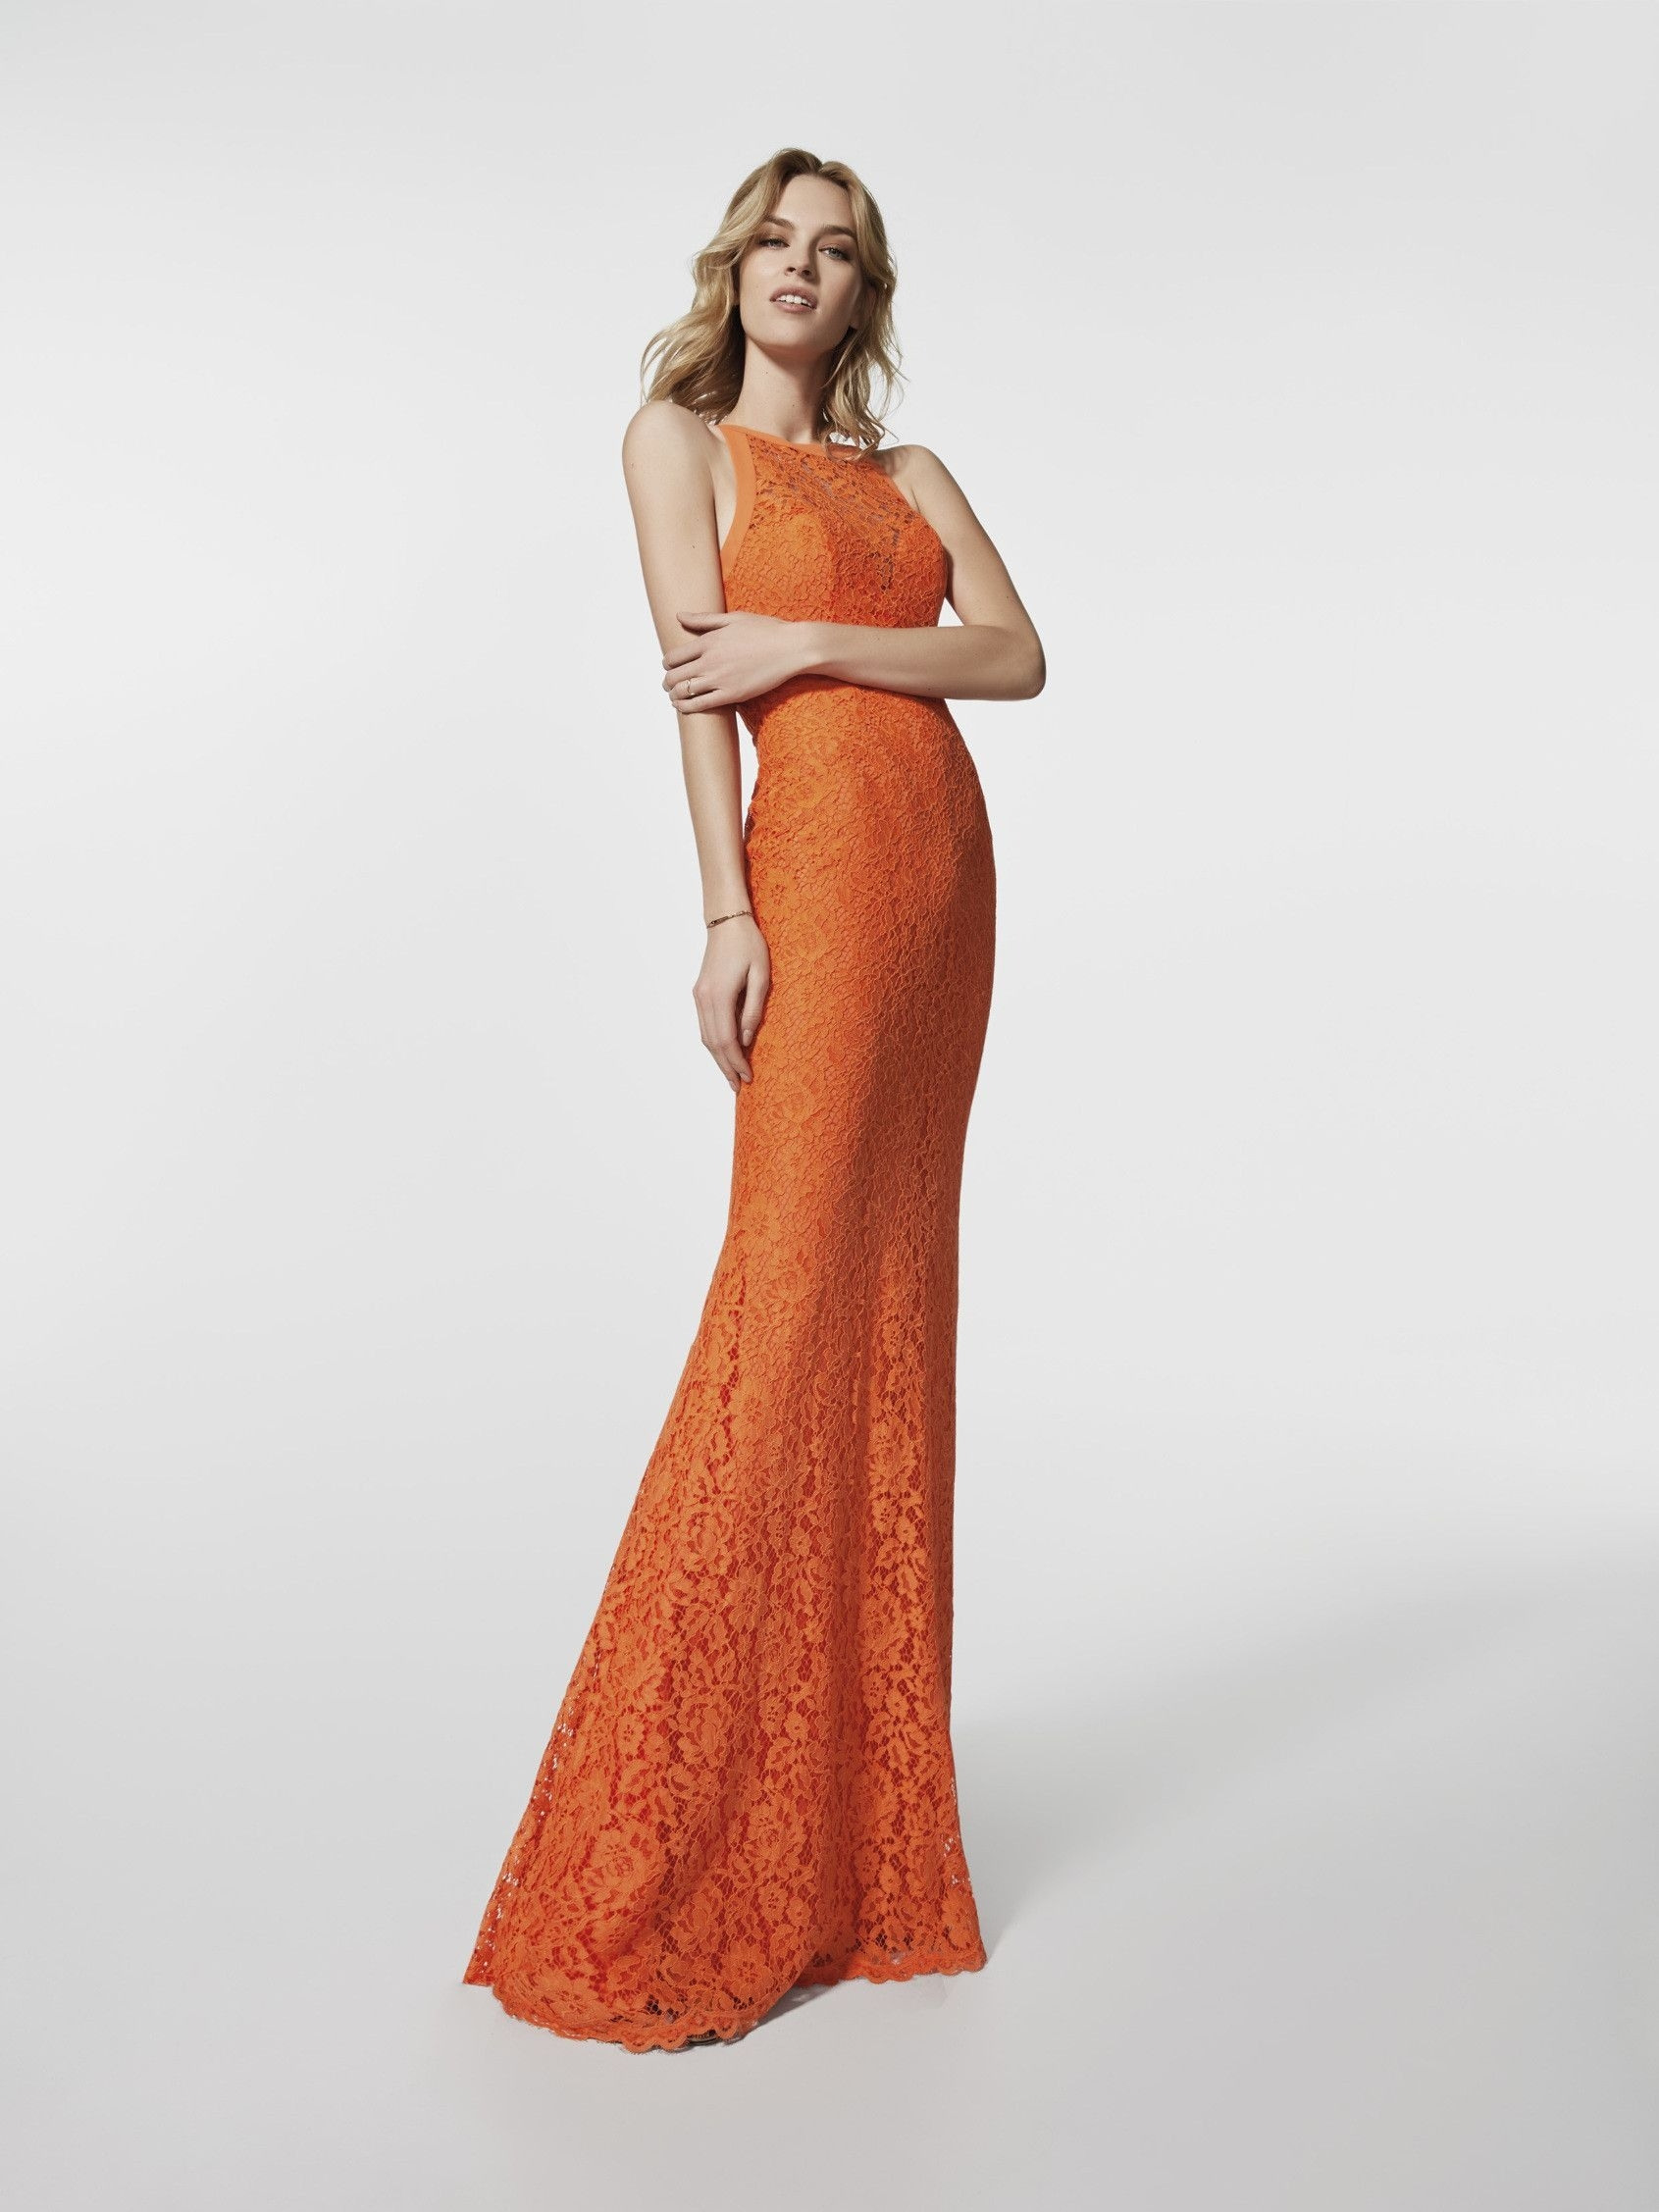 Suche Kleid Für Goldene Hochzeit Archives - Abendkleid